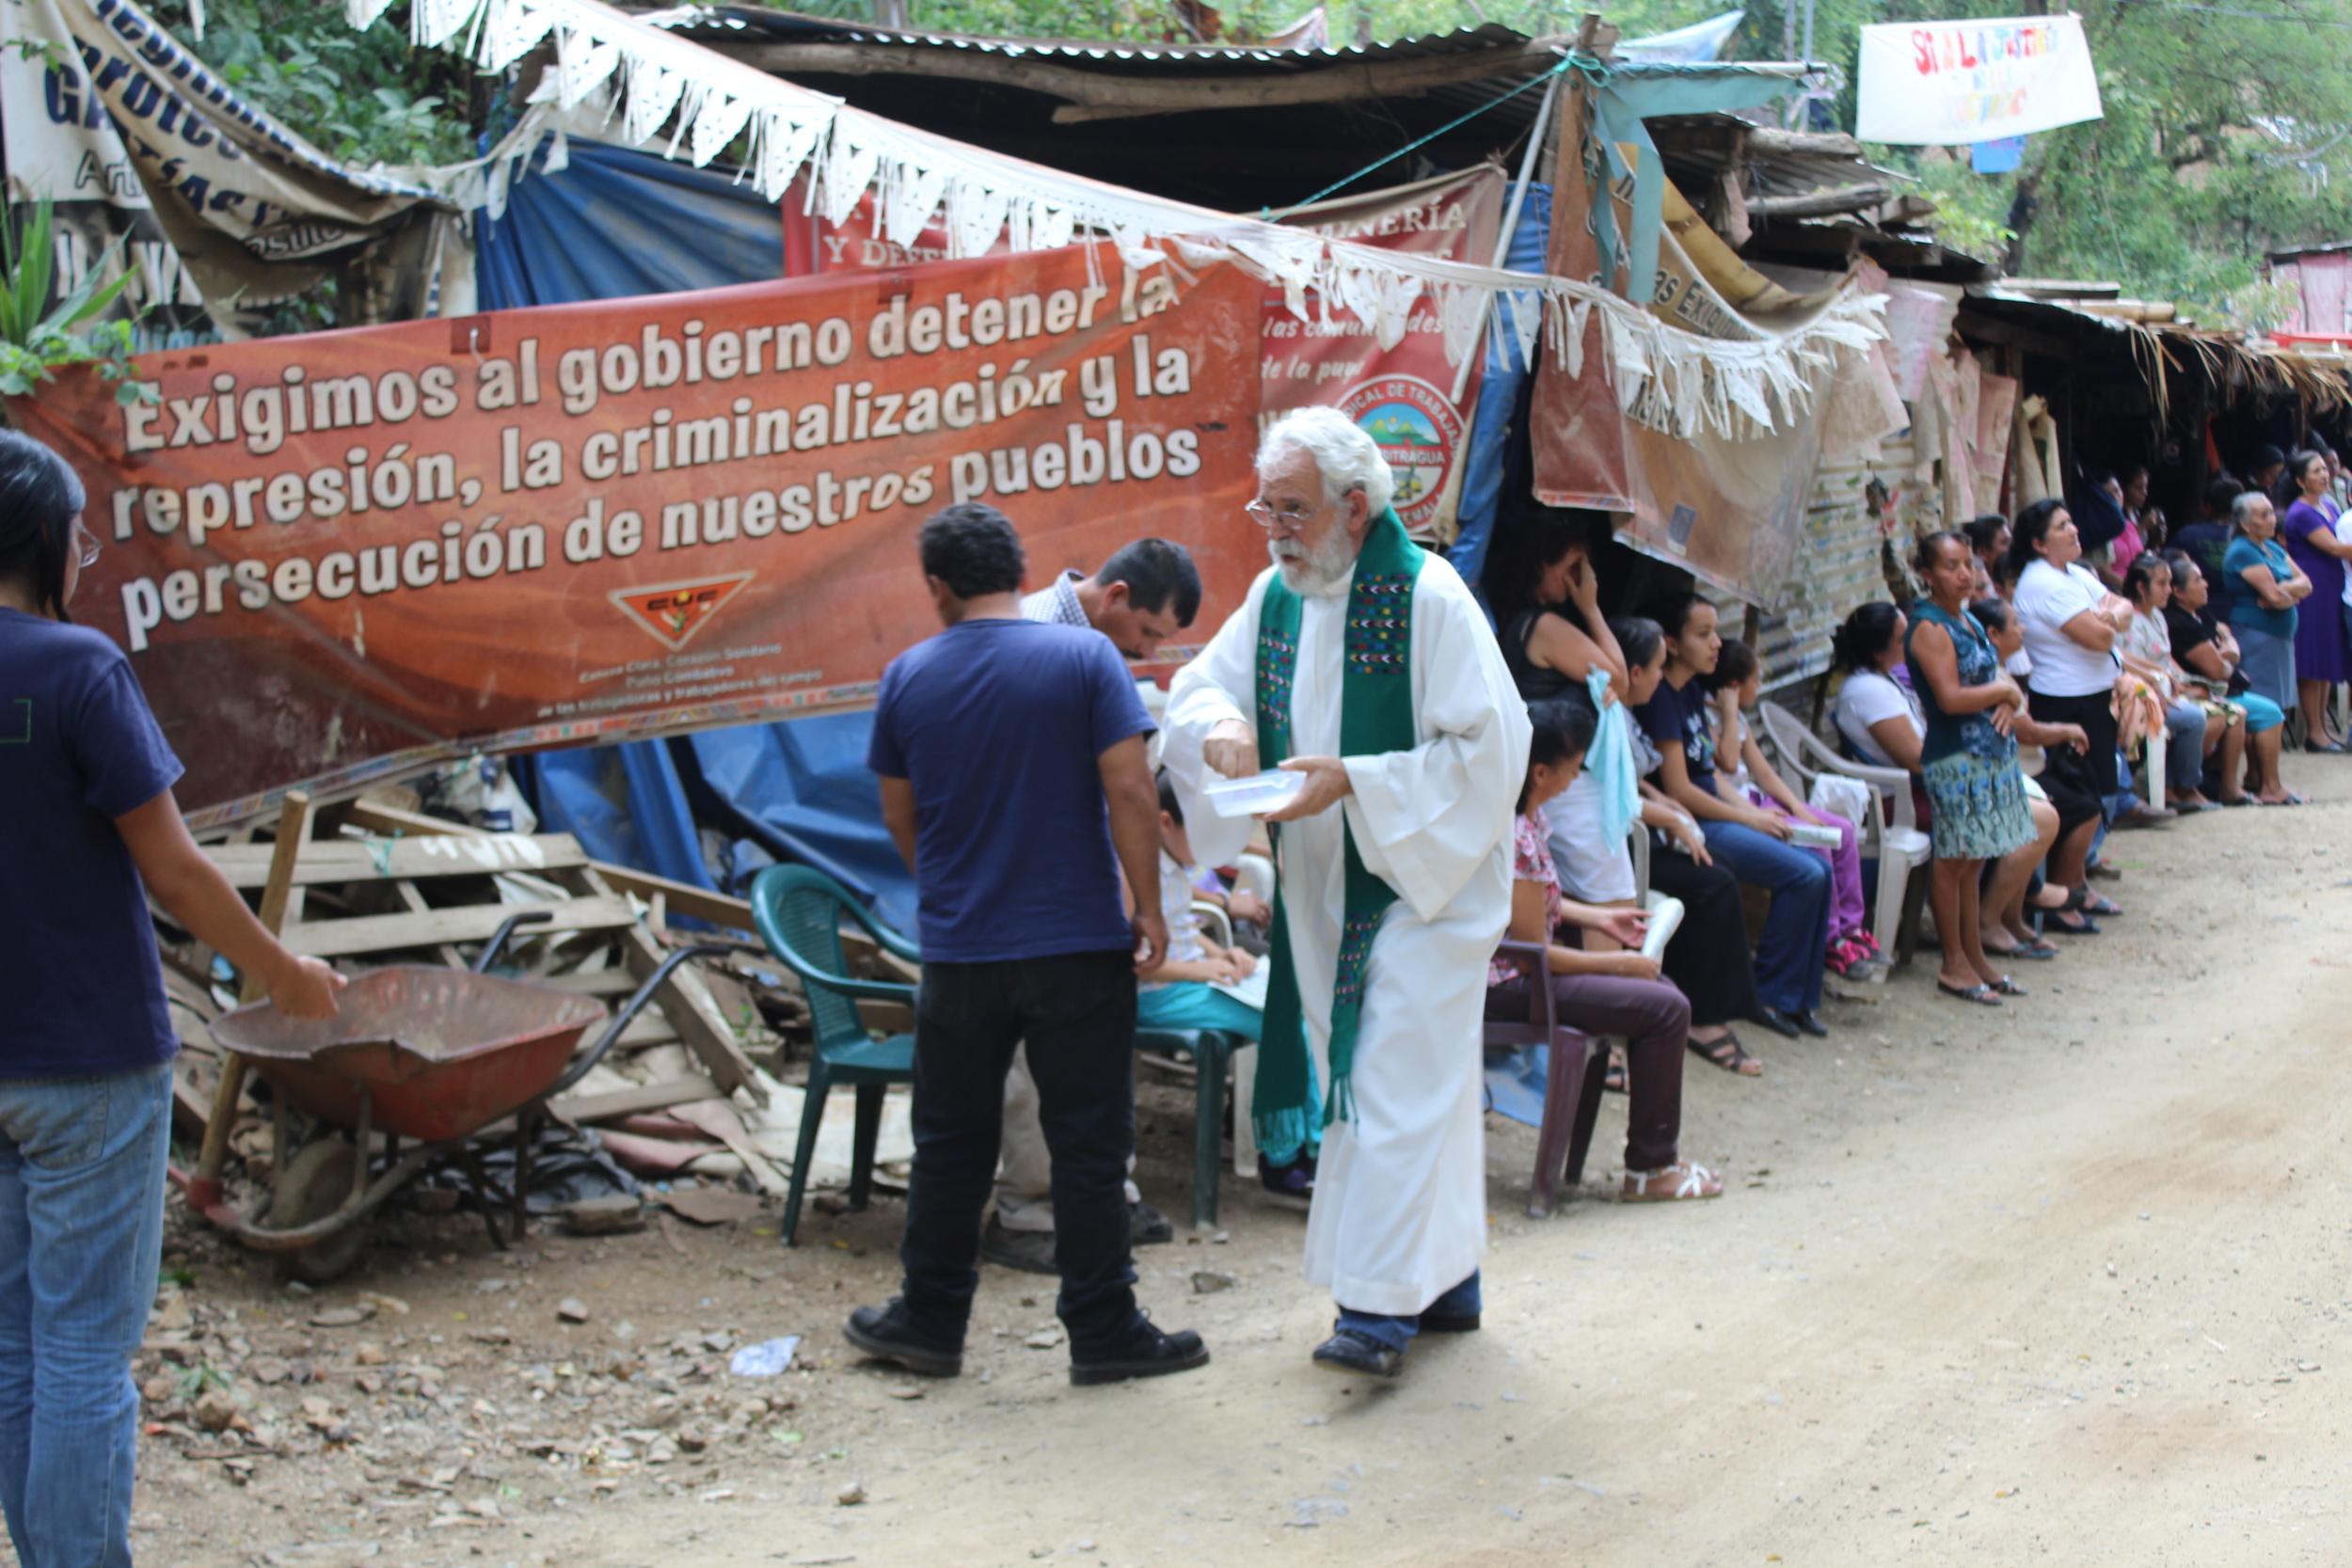 Misa de acción de gracias y solidaridad. Mass of thanksgiving and solidarity.